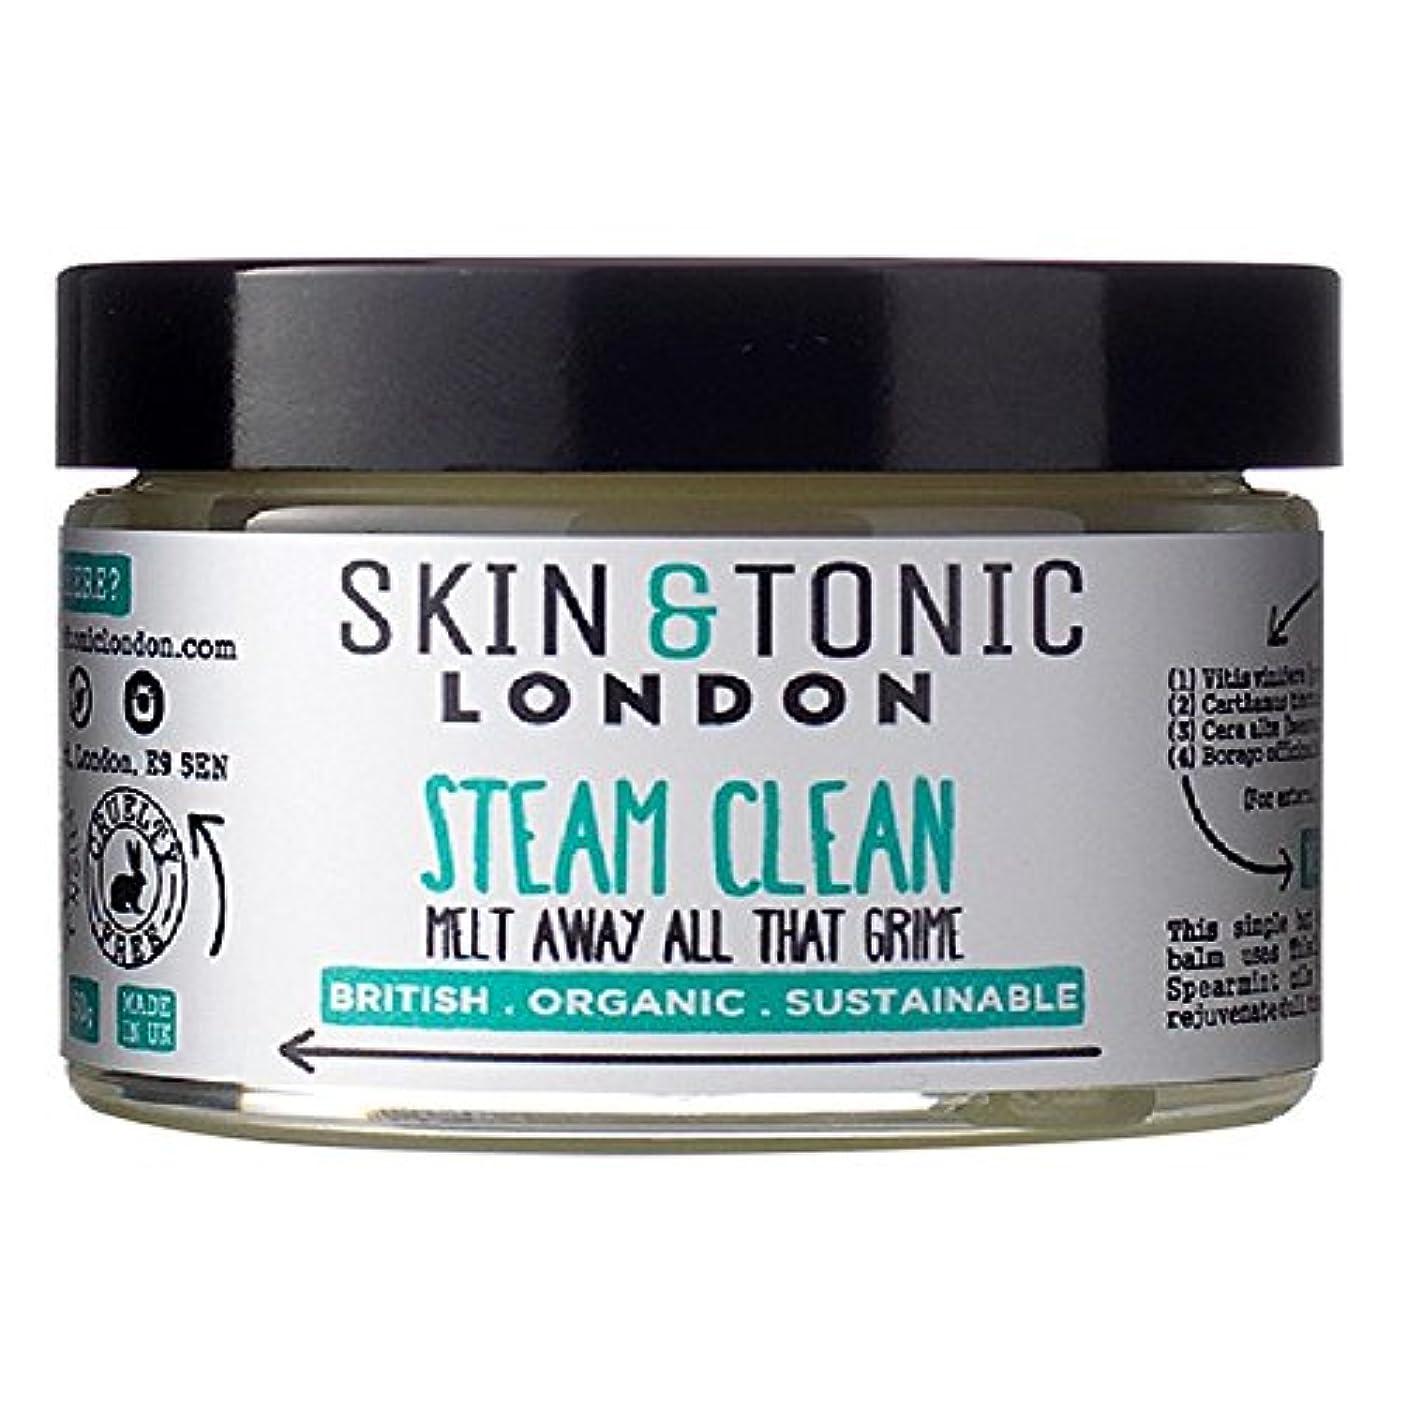 見捨てられた会話歌Skin & Tonic London Steam Clean 50g - スキン&トニックロンドン蒸気きれいな50グラム [並行輸入品]